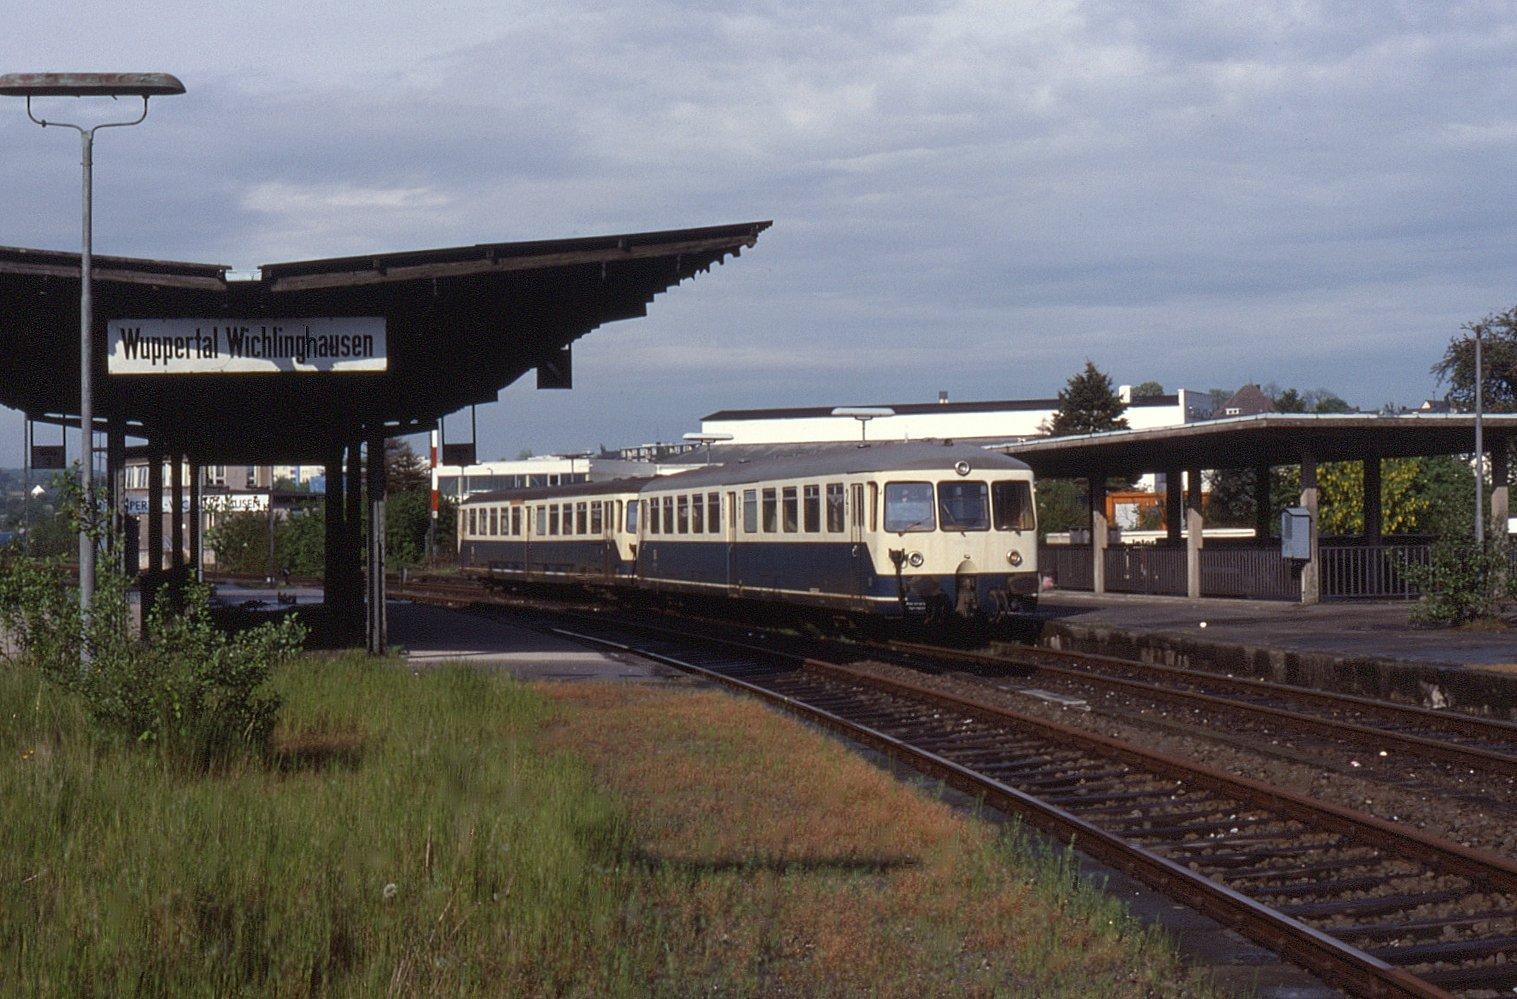 10.05.90 Wuppertal Wichlinghausen 515.526 815.713 (6107648350).jpg